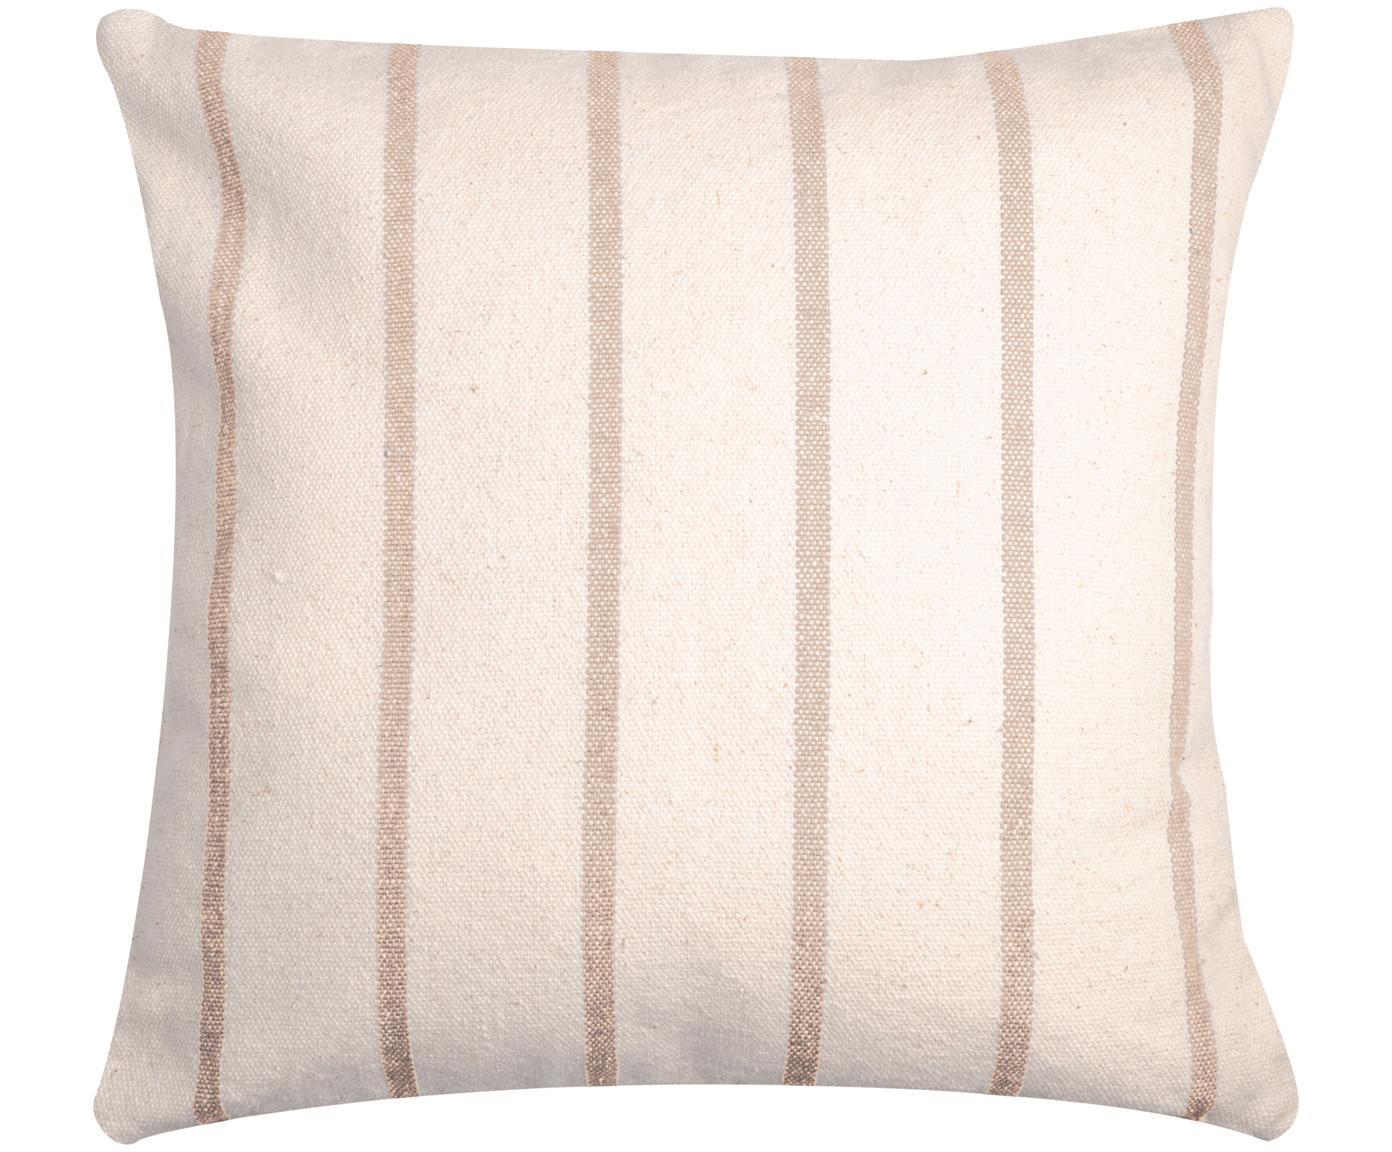 Kissen Pampelonne, mit Inlett, Bezug: 100% Baumwolle, Beige, Gebrochenes Weiß, 50 x 50 cm